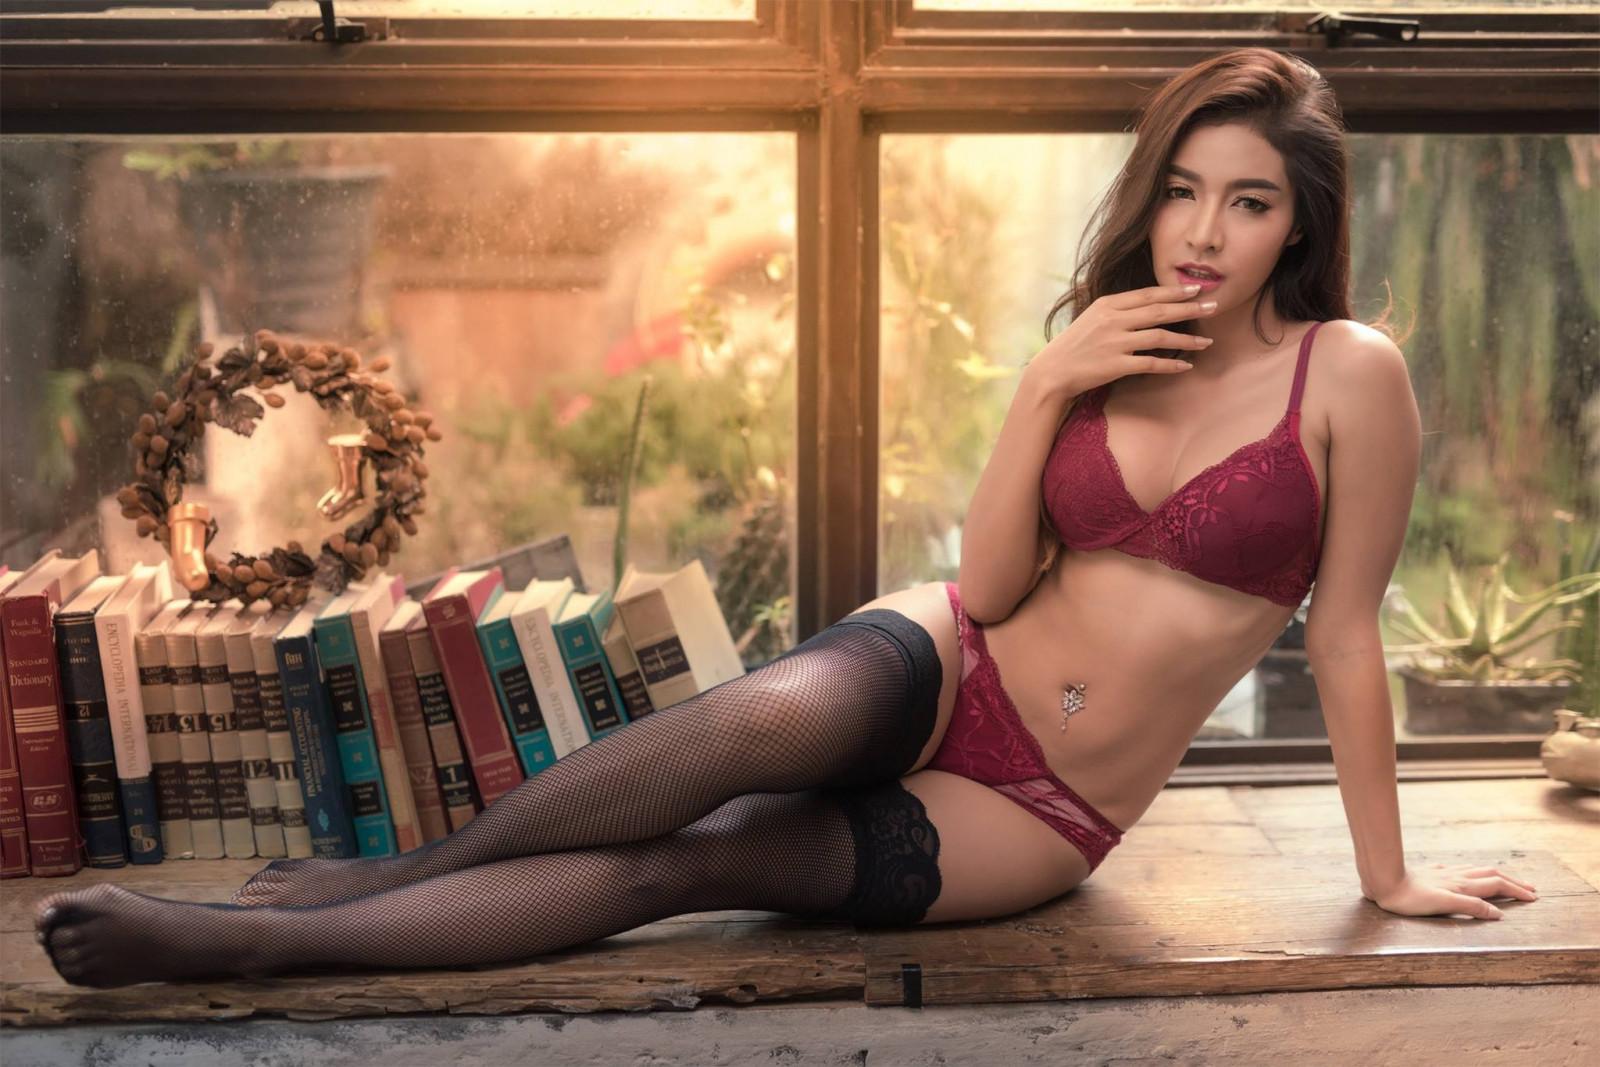 All asian lingerie model galleries